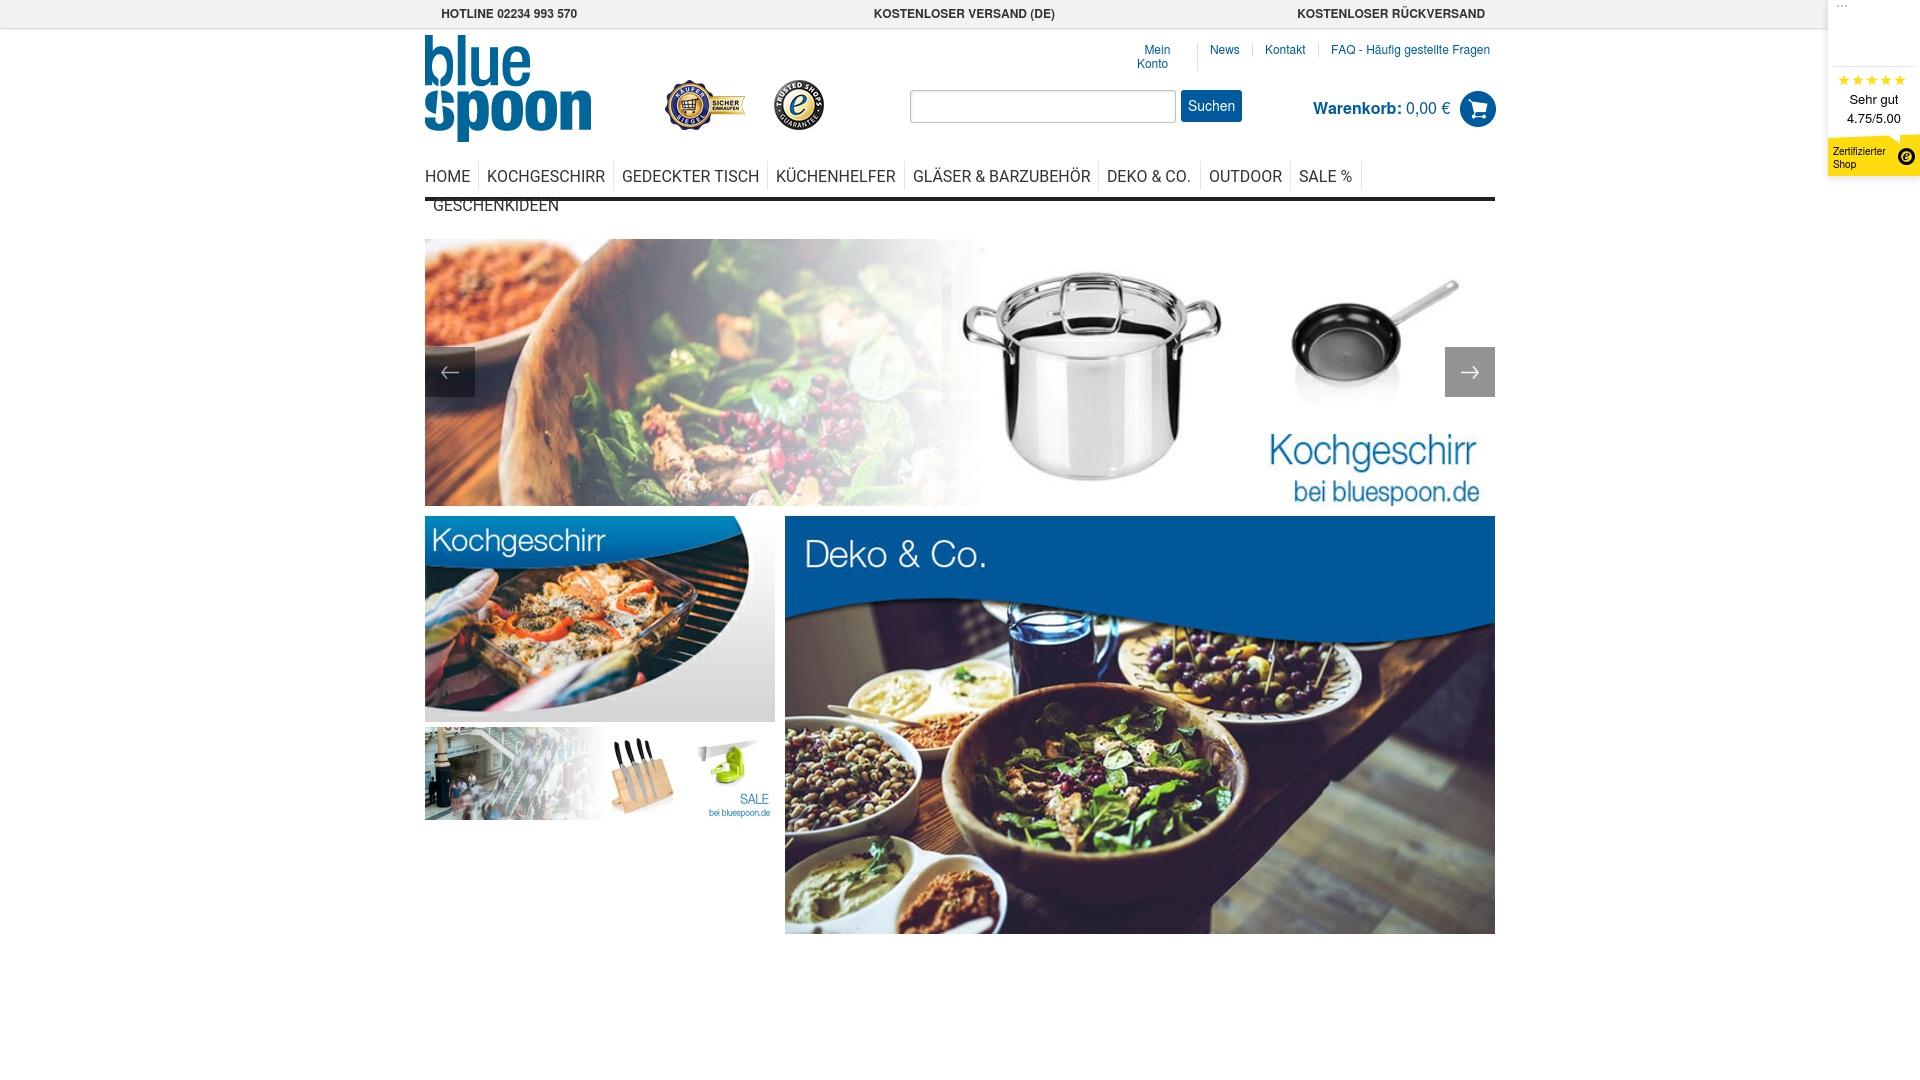 Gutschein für Bluespoon: Rabatte für  Bluespoon sichern